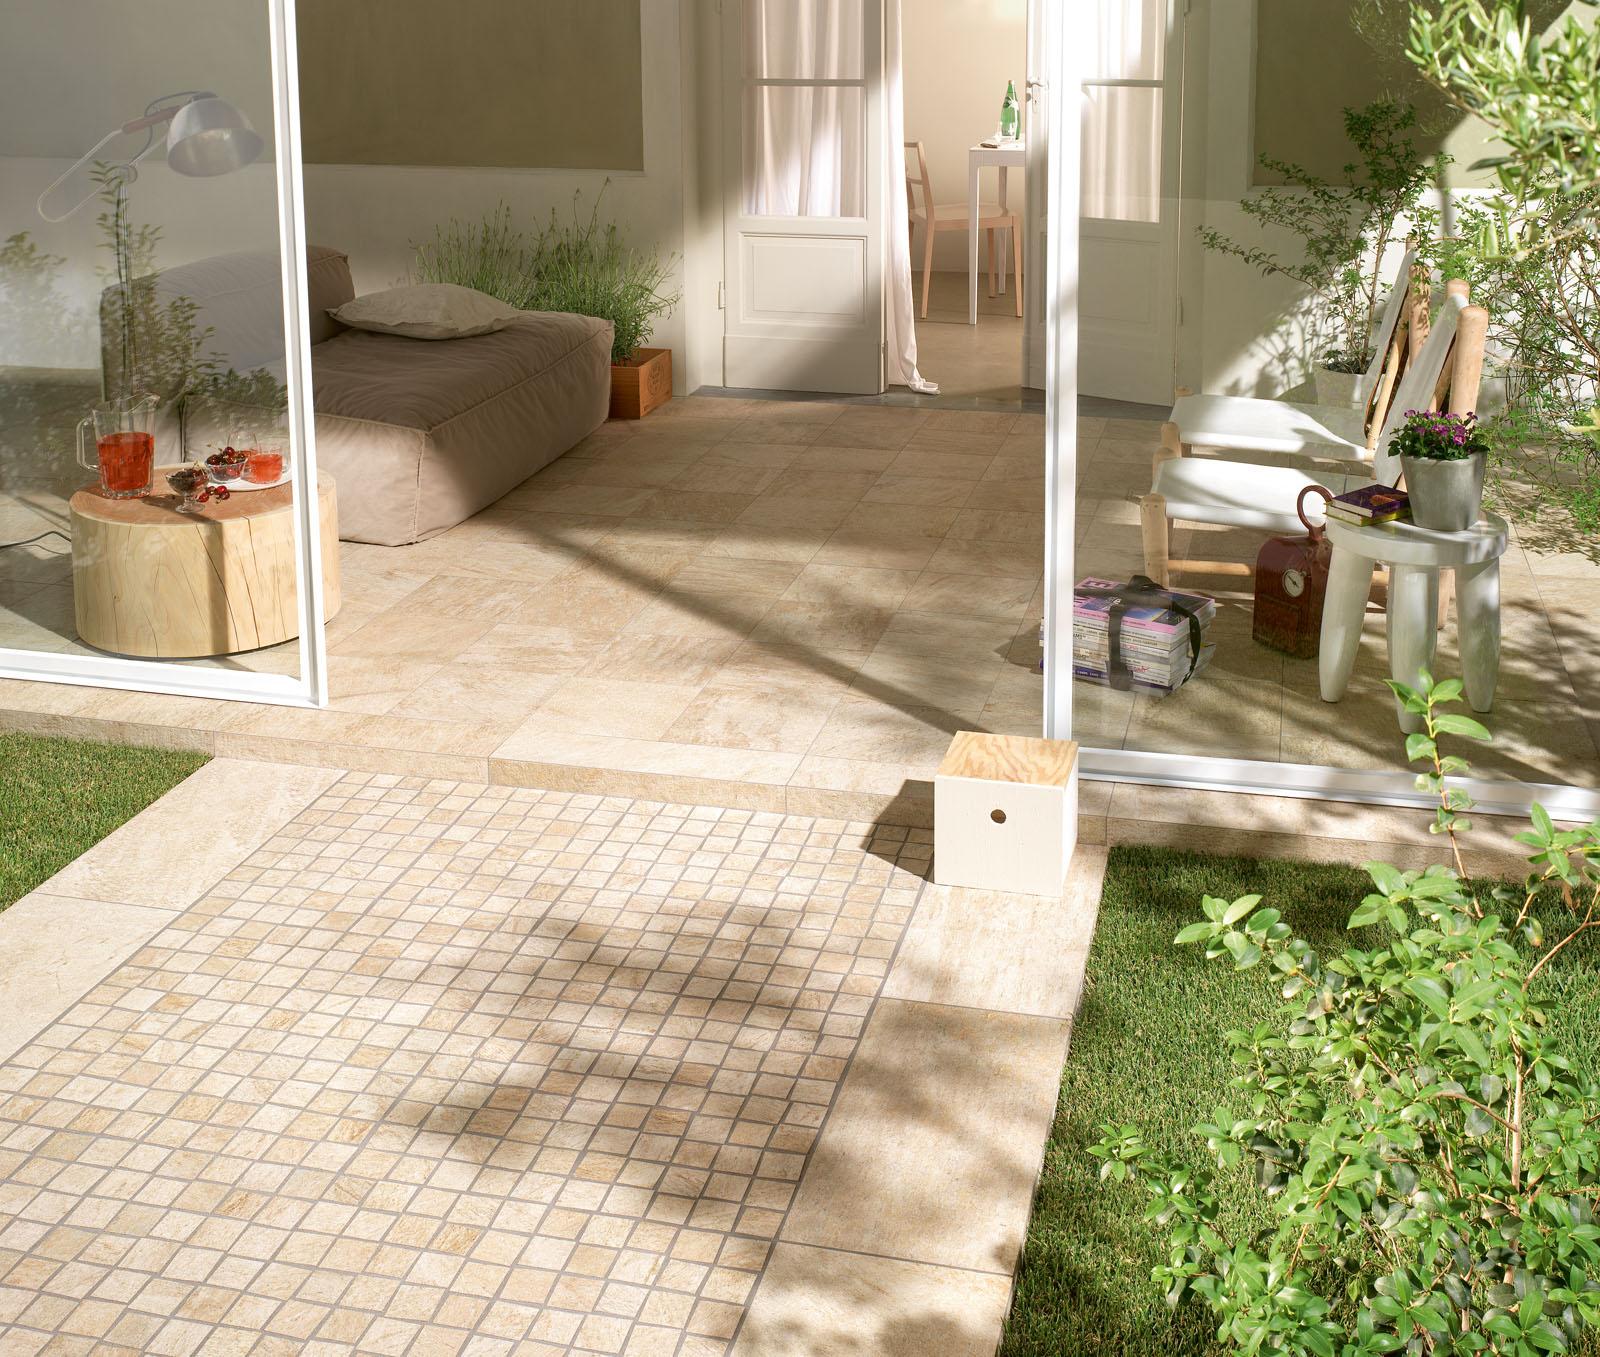 Multiquartz gres porcel nico para exteriores marazzi - Gres porcelanico para exterior ...